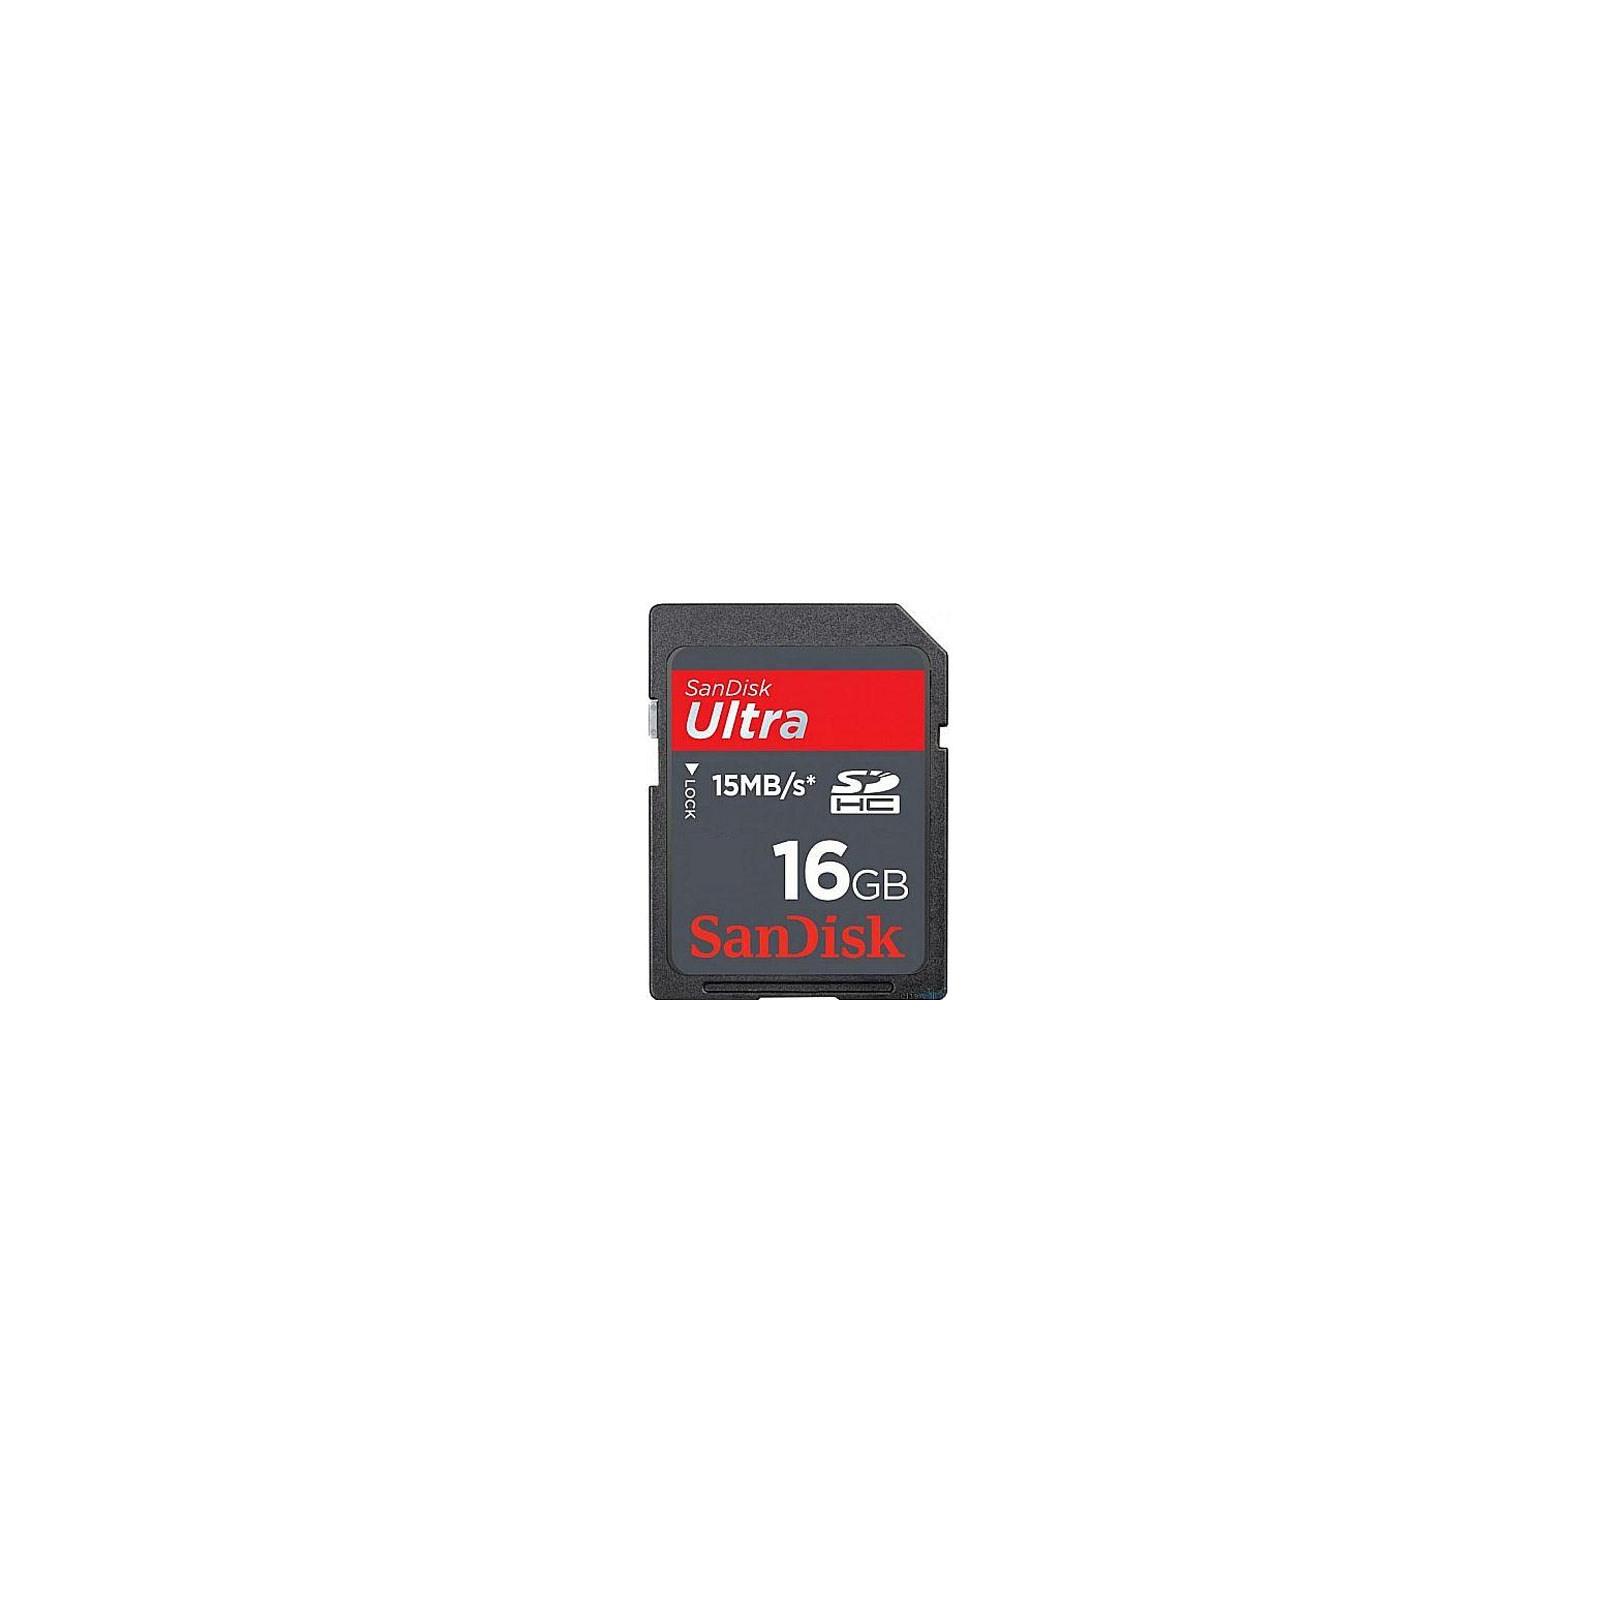 Карта памяти 16Gb SDHC Ultra SANDISK (SDSDH-016G-U46)